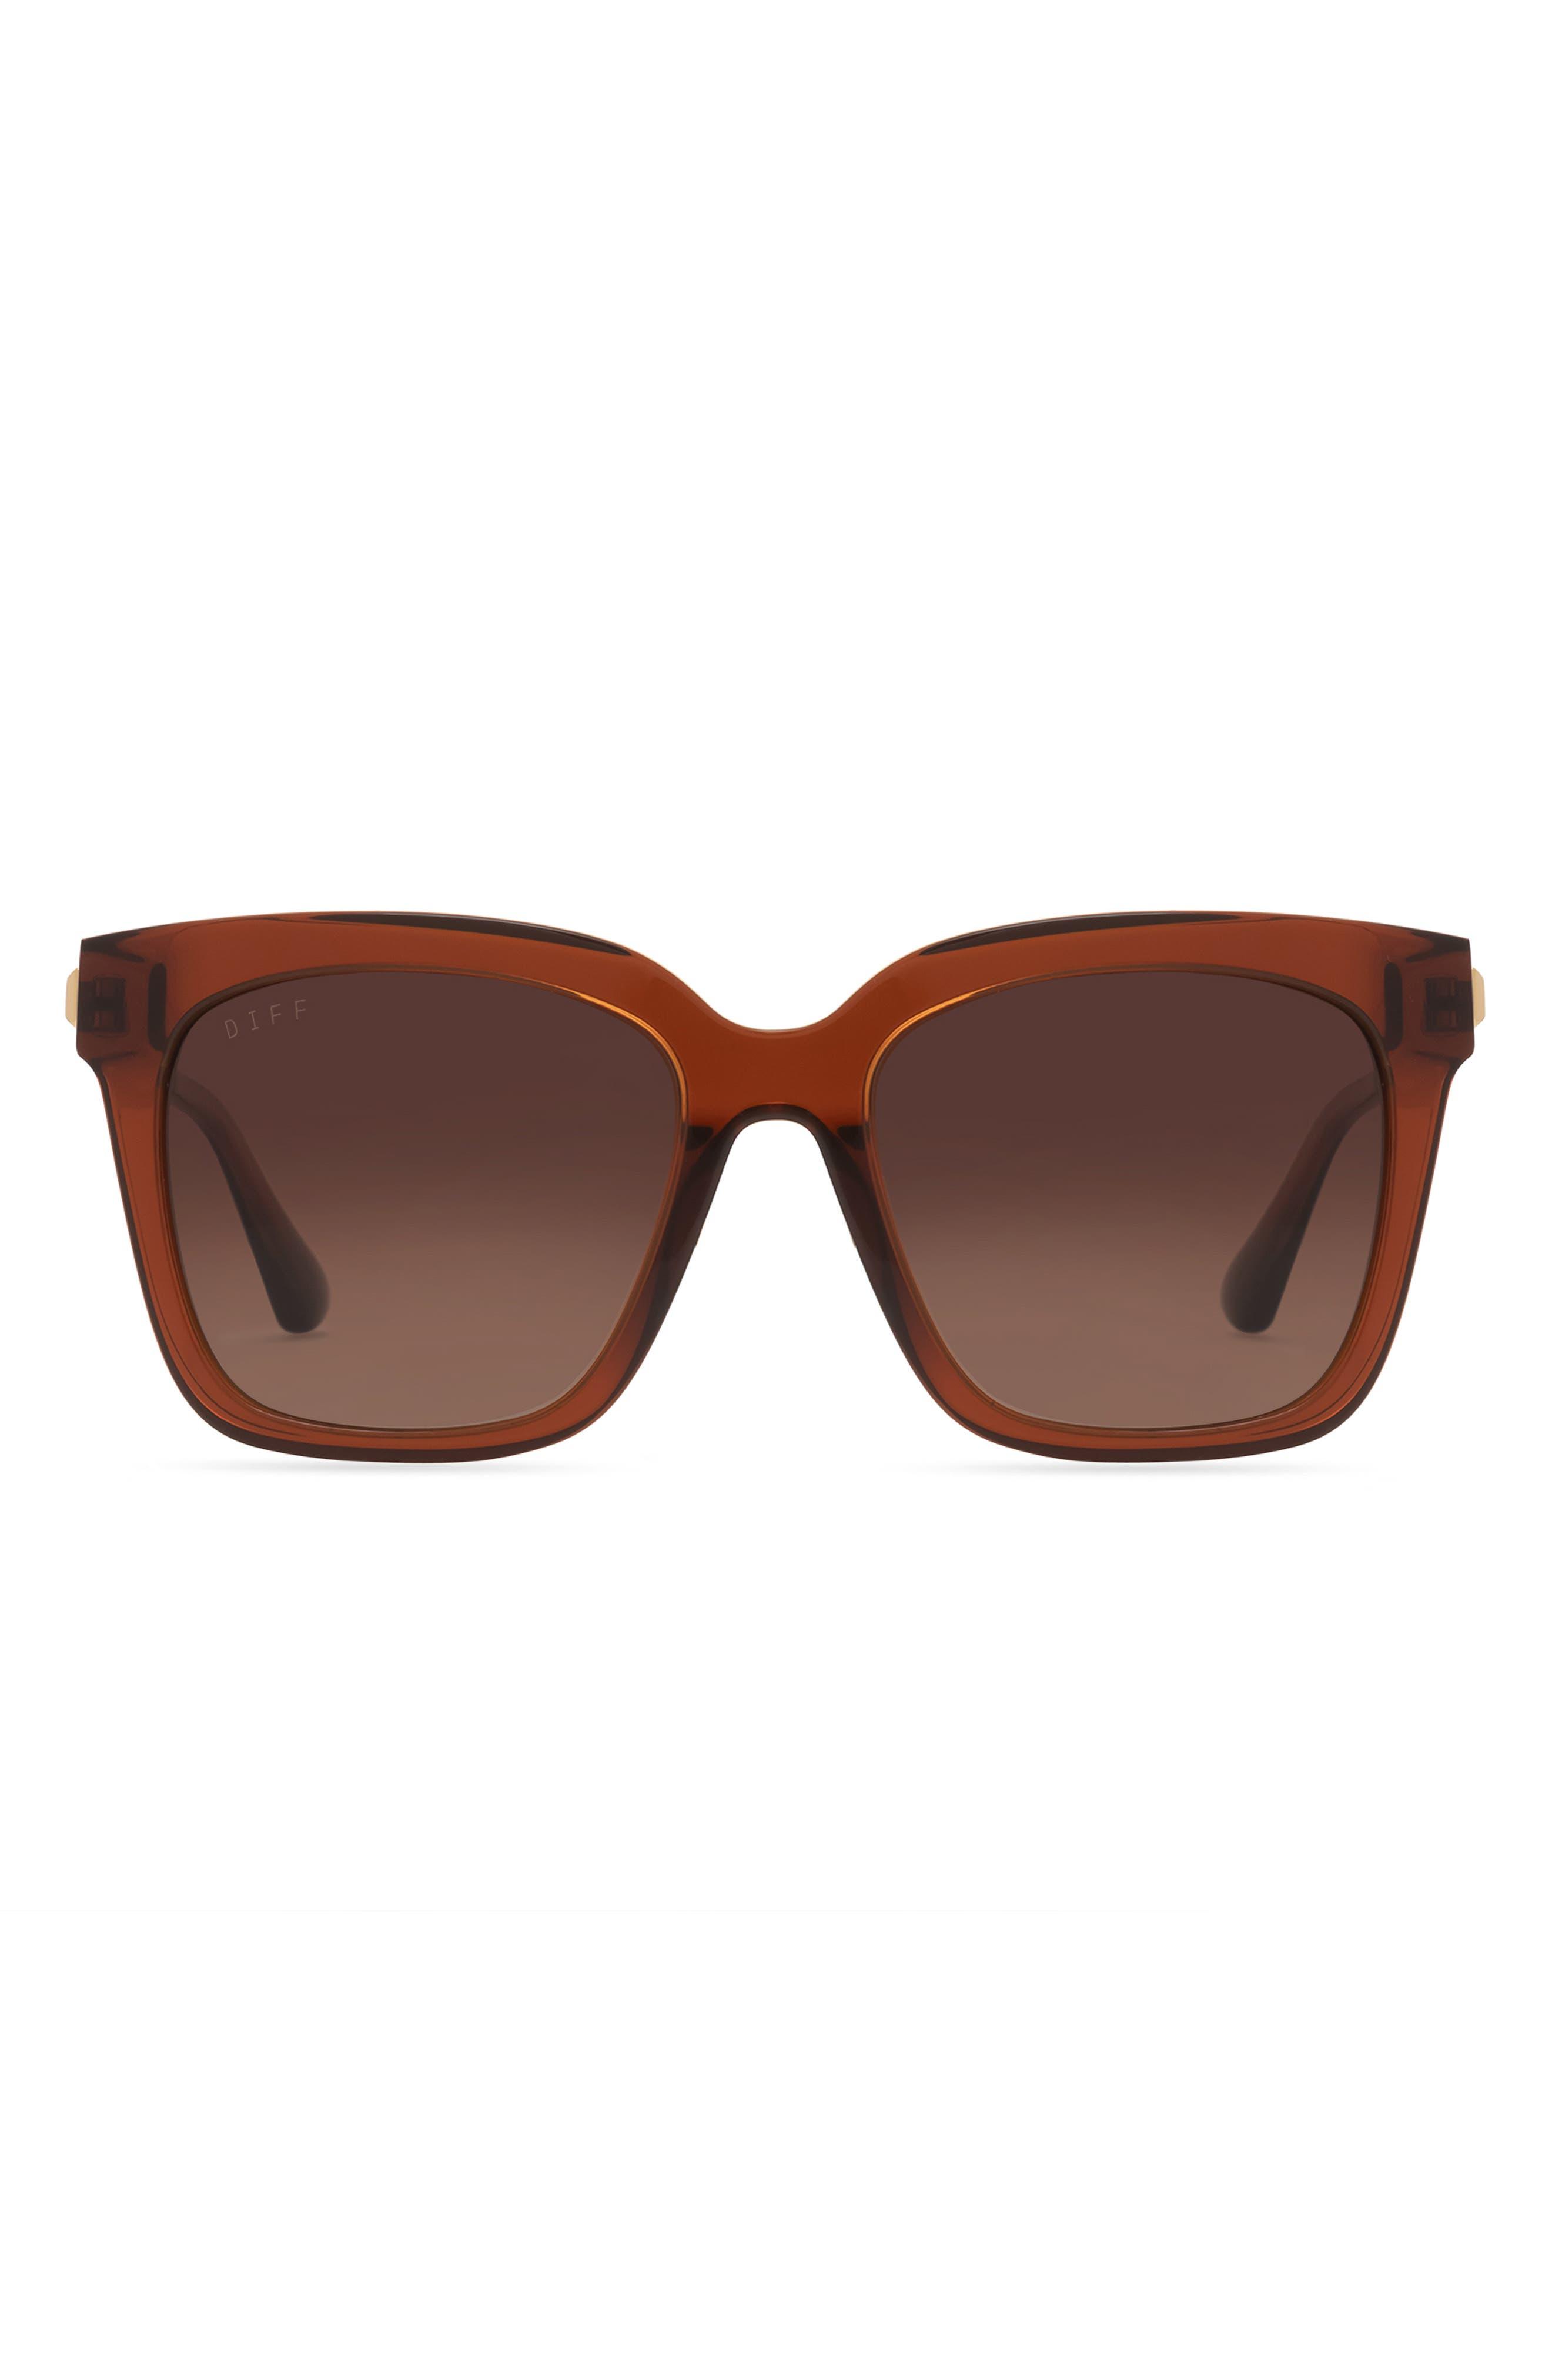 Bella 54mm Gradient Square Sunglasses